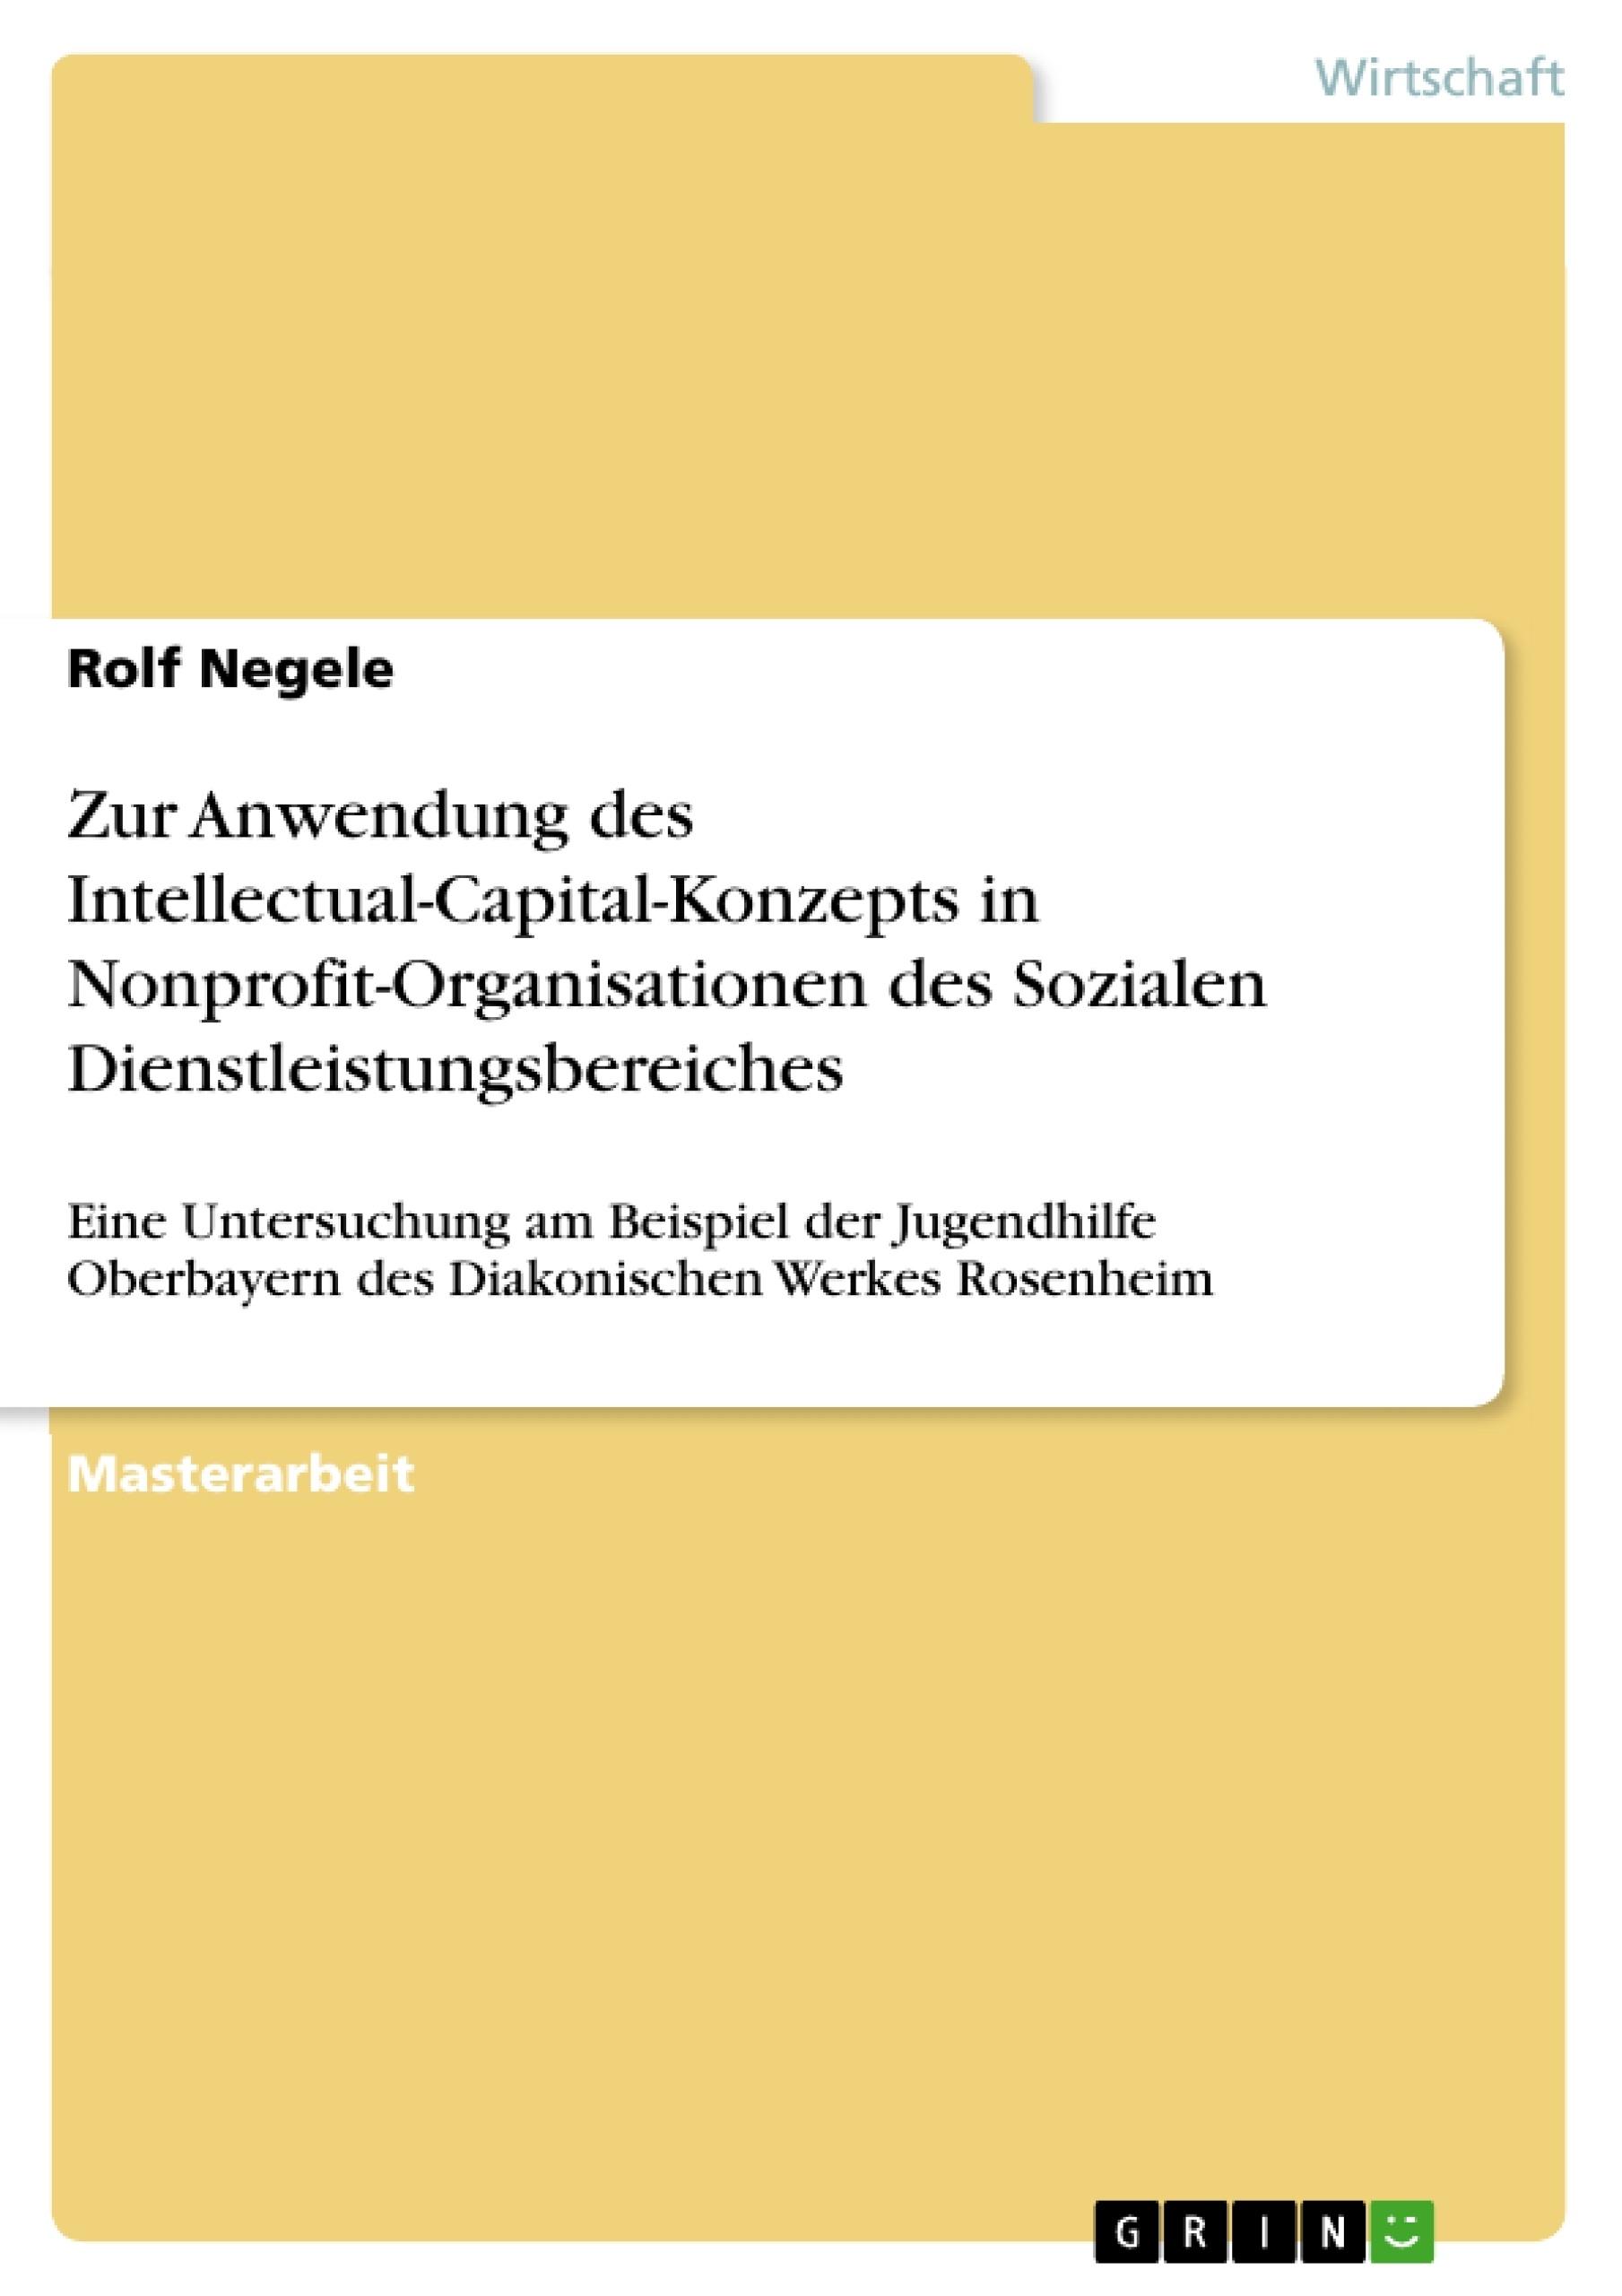 Titel: Zur Anwendung des Intellectual-Capital-Konzepts in Nonprofit-Organisationen des Sozialen Dienstleistungsbereiches